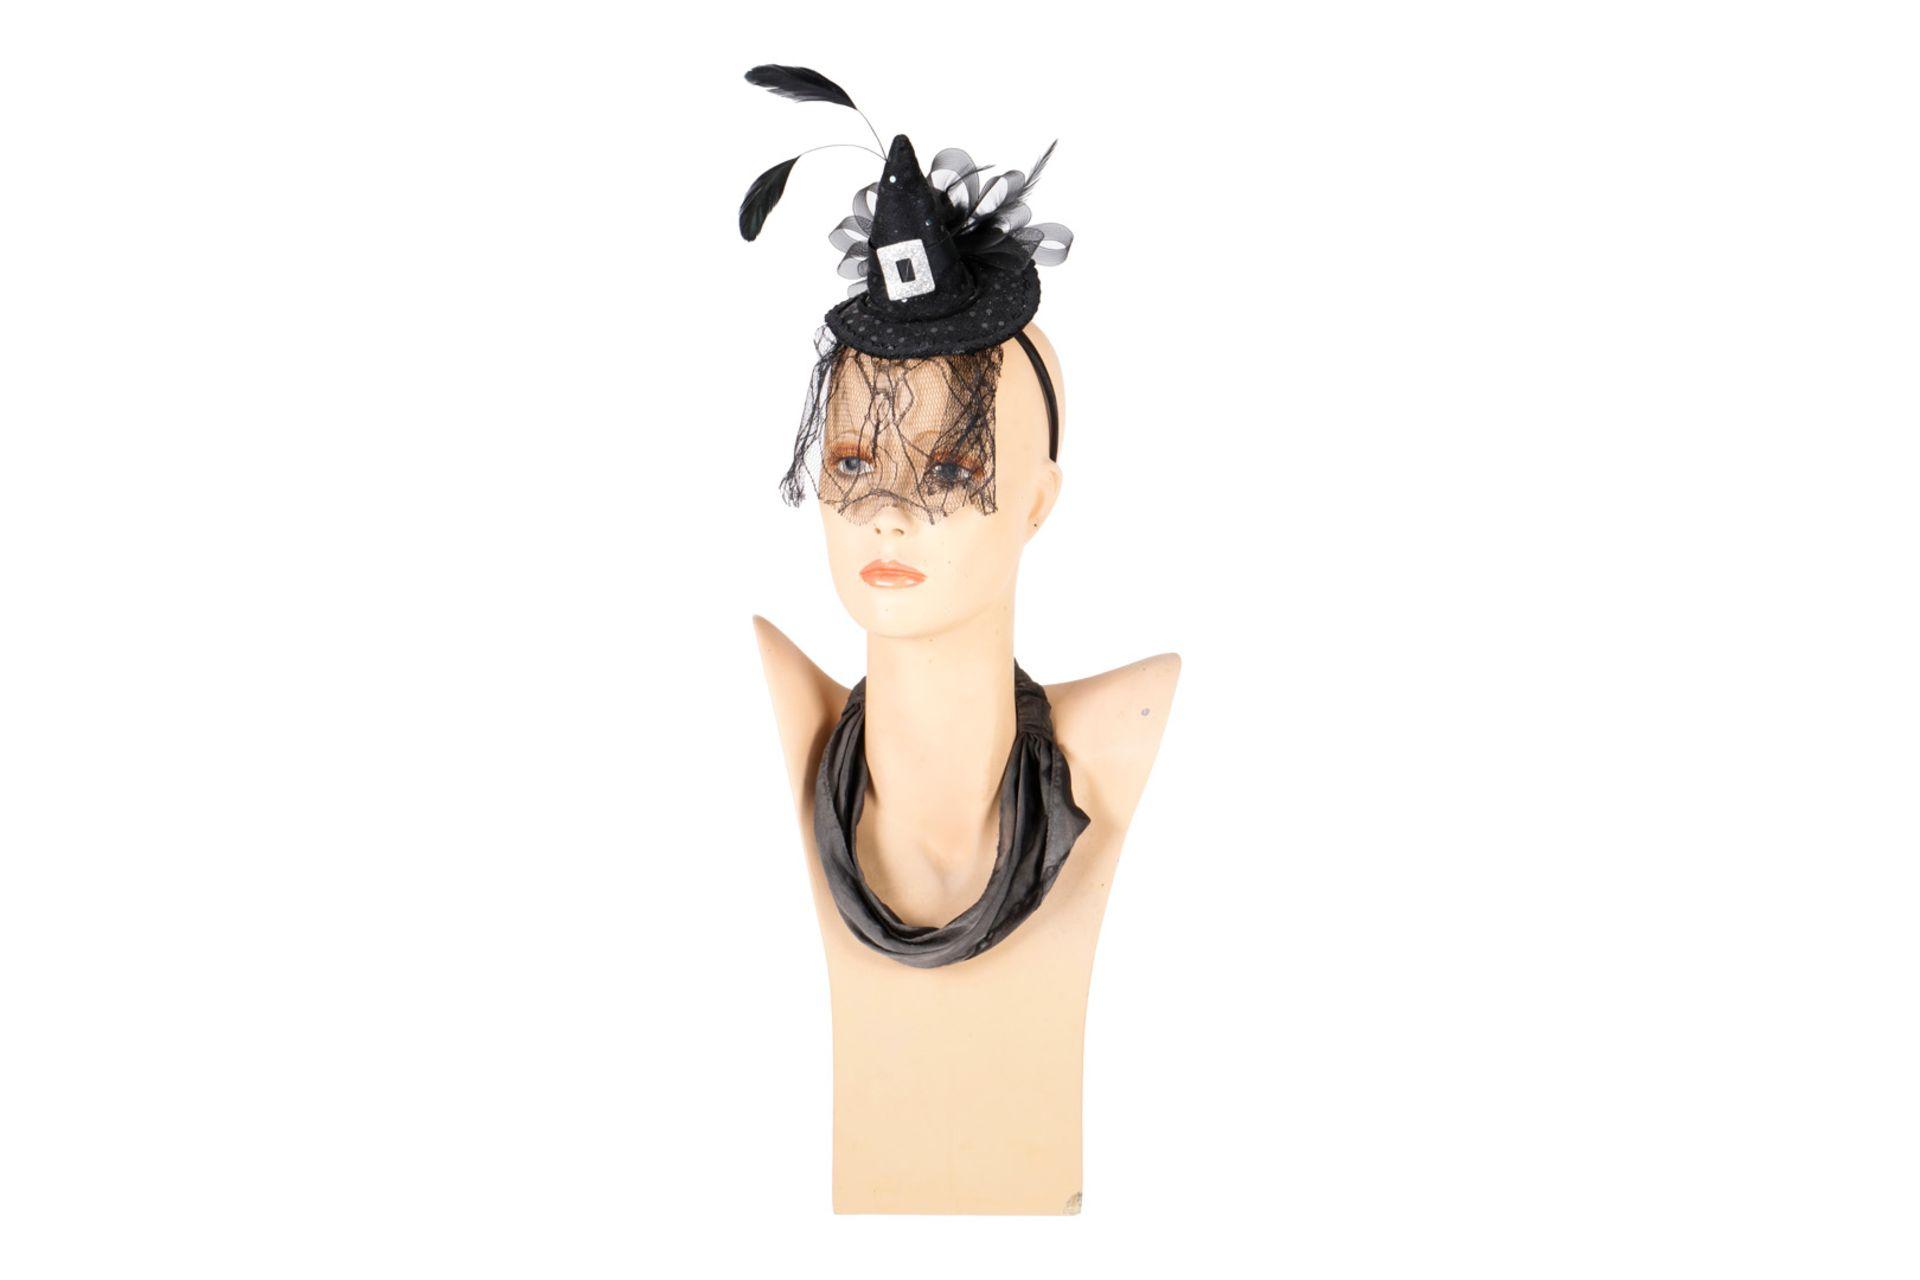 Modebüste Mädchen, GFK, bemalt, 80er Jahre, Alterungsspuren, H 55